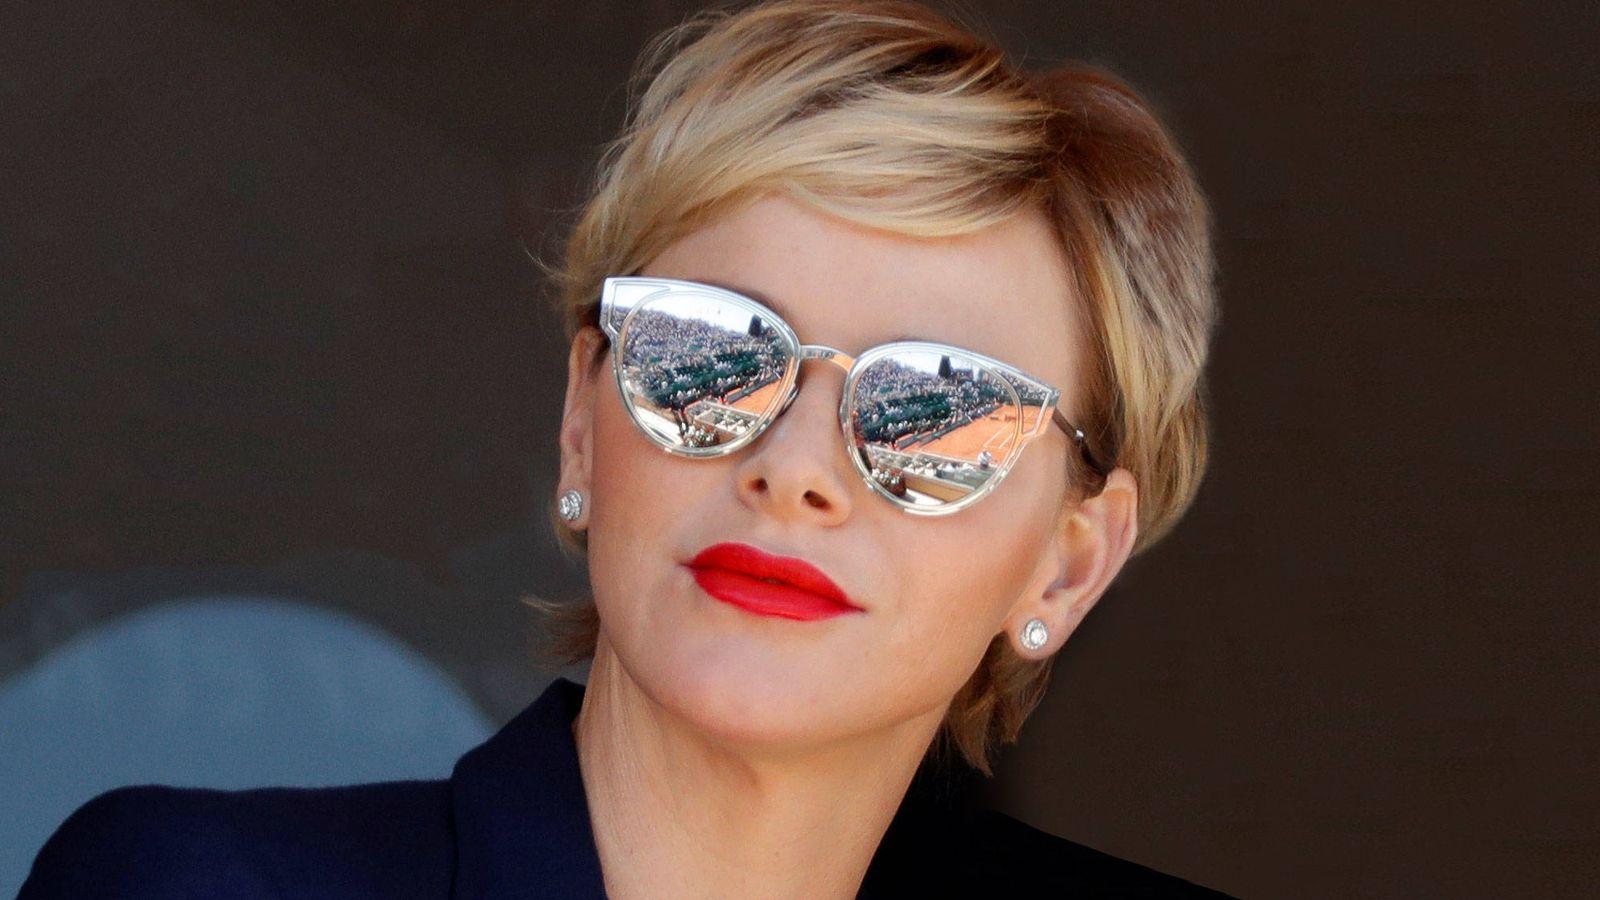 Foto: Charlene en una imagen de archivo. (REUTERS)